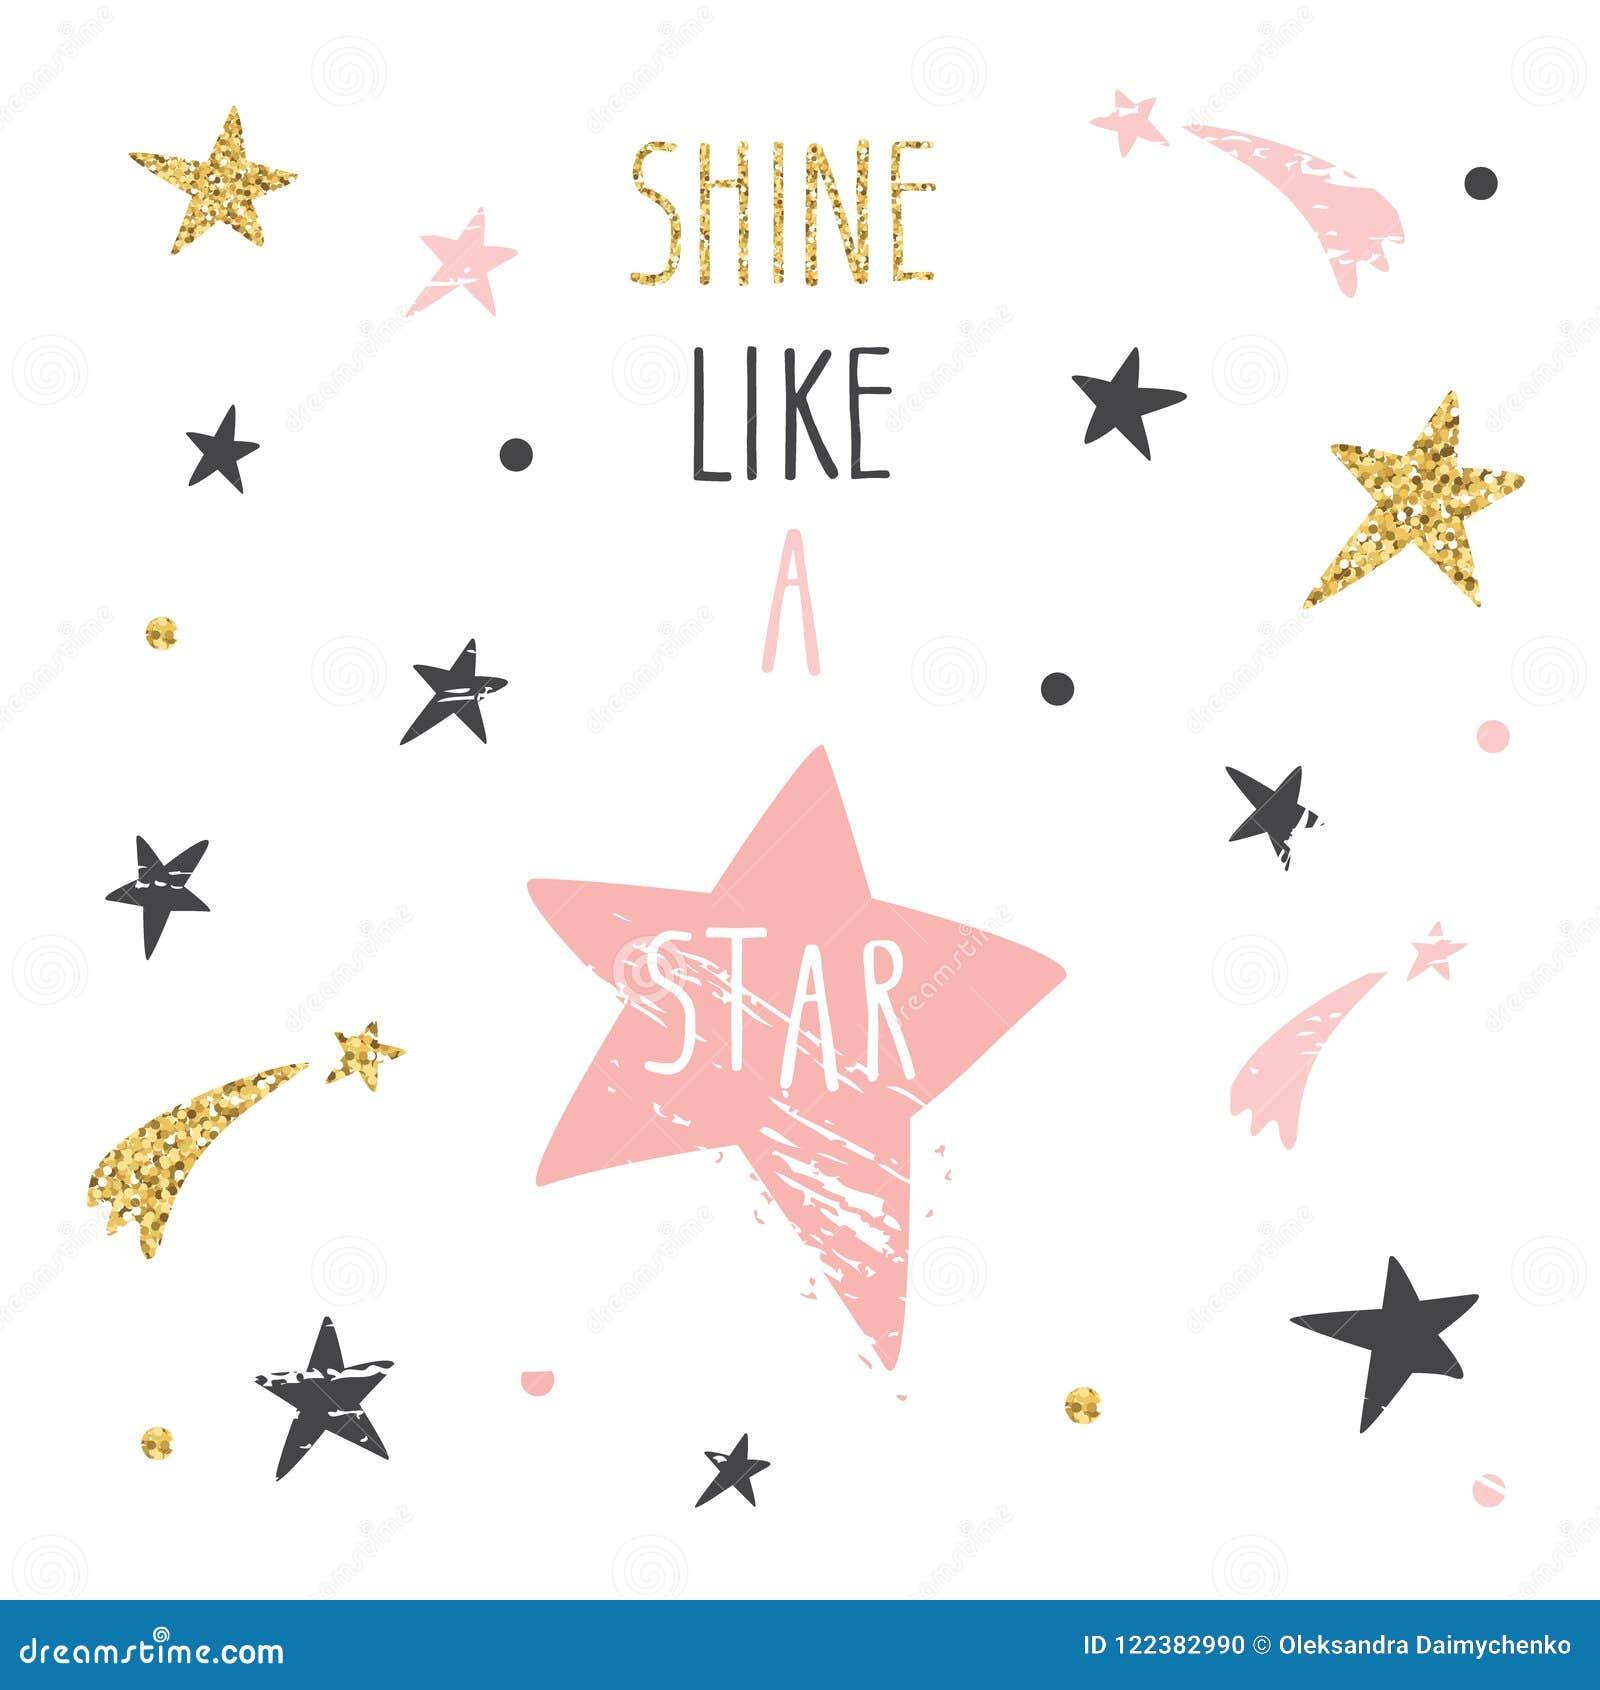 Citações escritas à mão inspiradas e inspiradores Brilho como uma estrela Ilustração engraçada bonito com brilho, rosa pastel e s